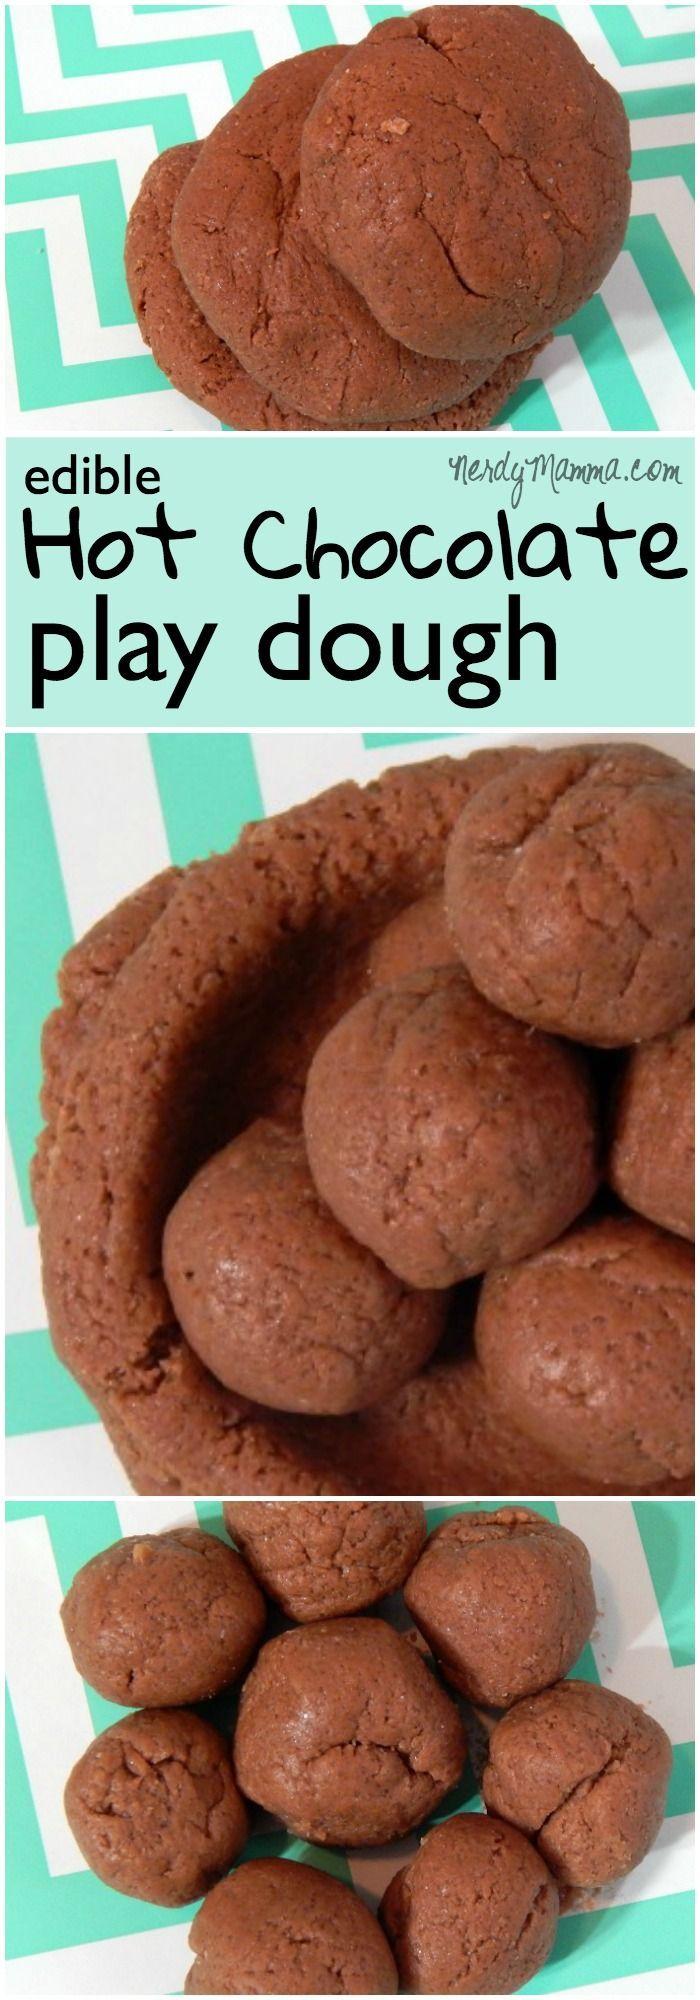 Edible Hot Chocolate Play Dough Recipe